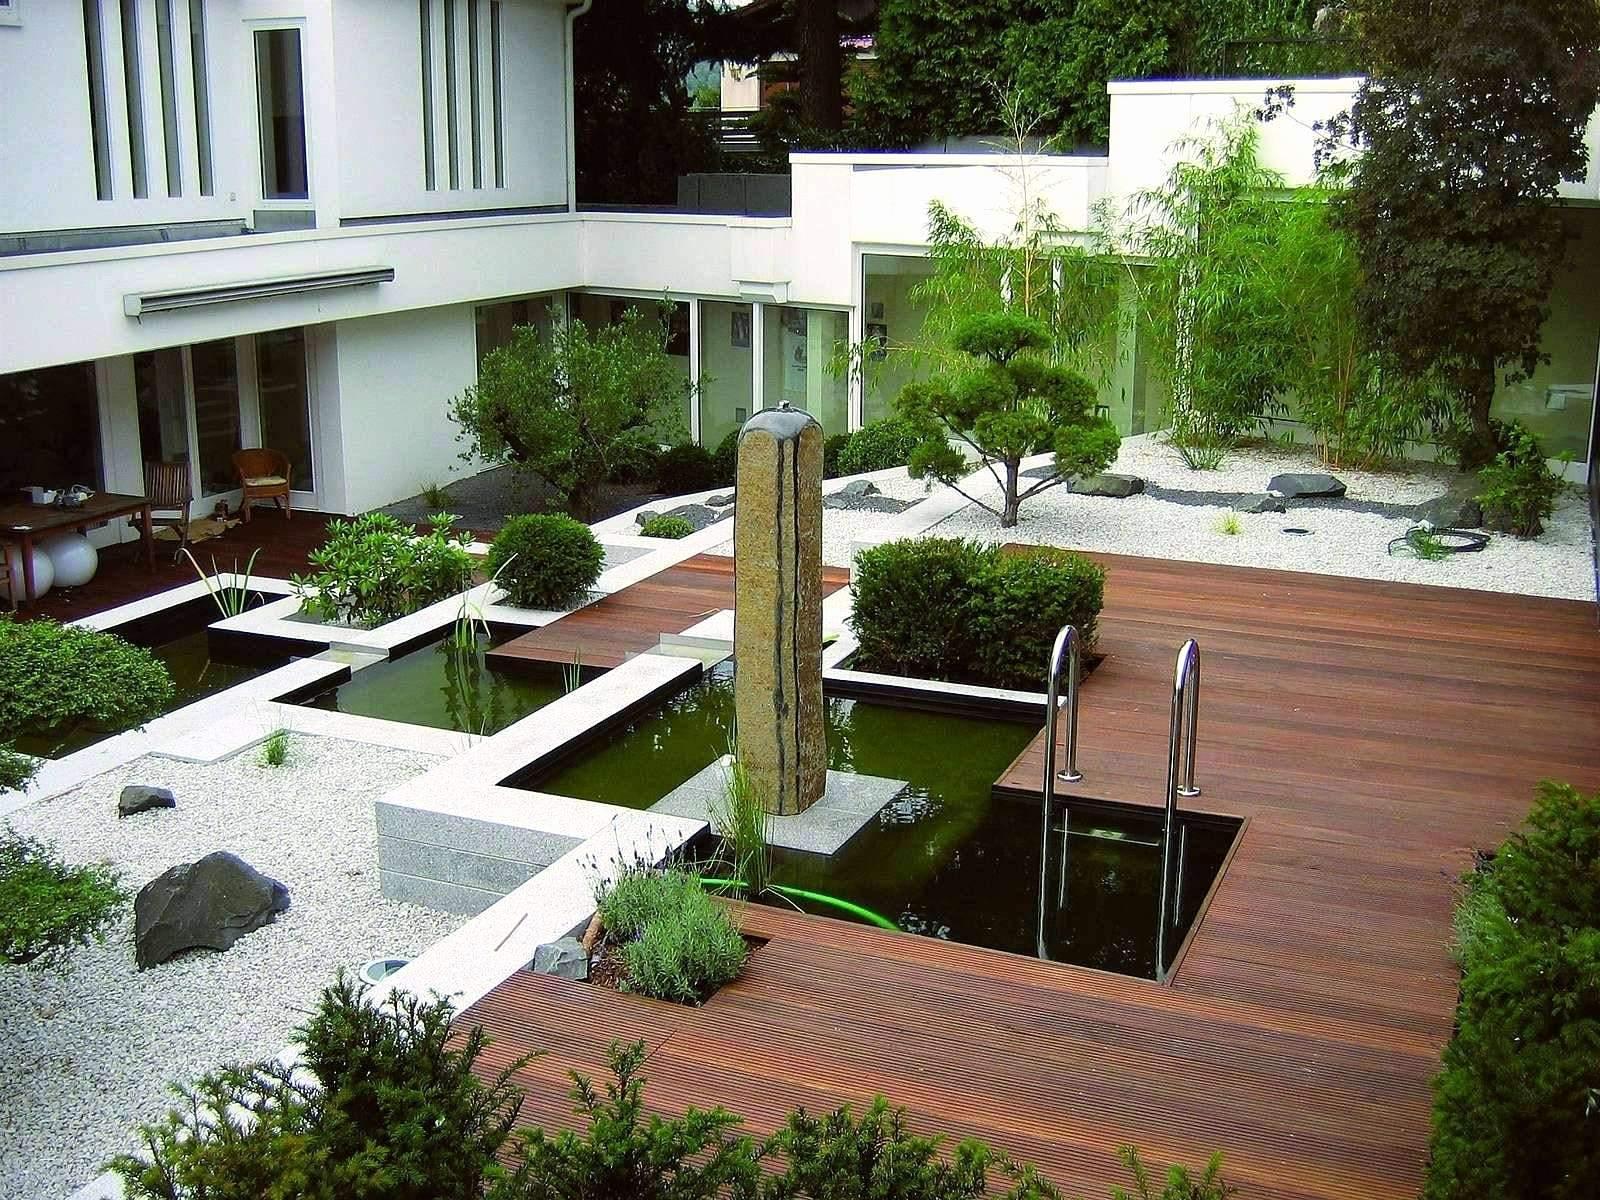 terrasse anlegen ideen elegant 42 schon garten anlegen ideen pic of terrasse anlegen ideen